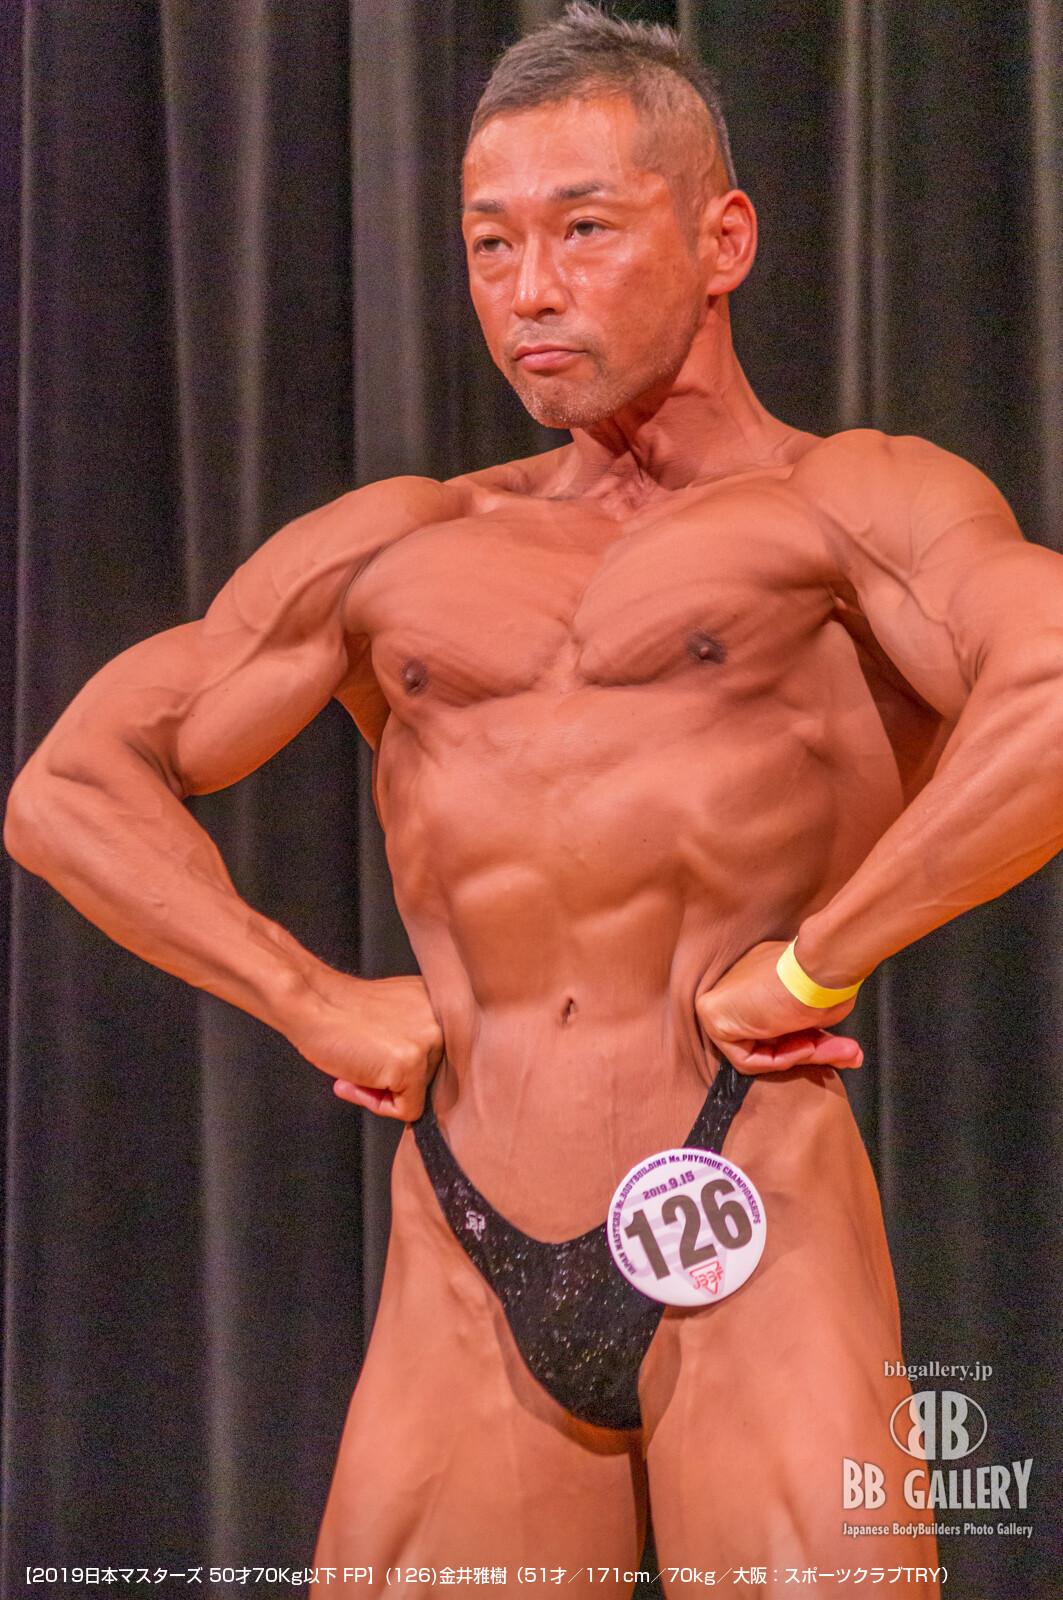 【2019日本マスターズ 50才70Kg以下 FP】(126)金井雅樹(51才/171cm/70kg/大阪:スポーツクラブTRY)